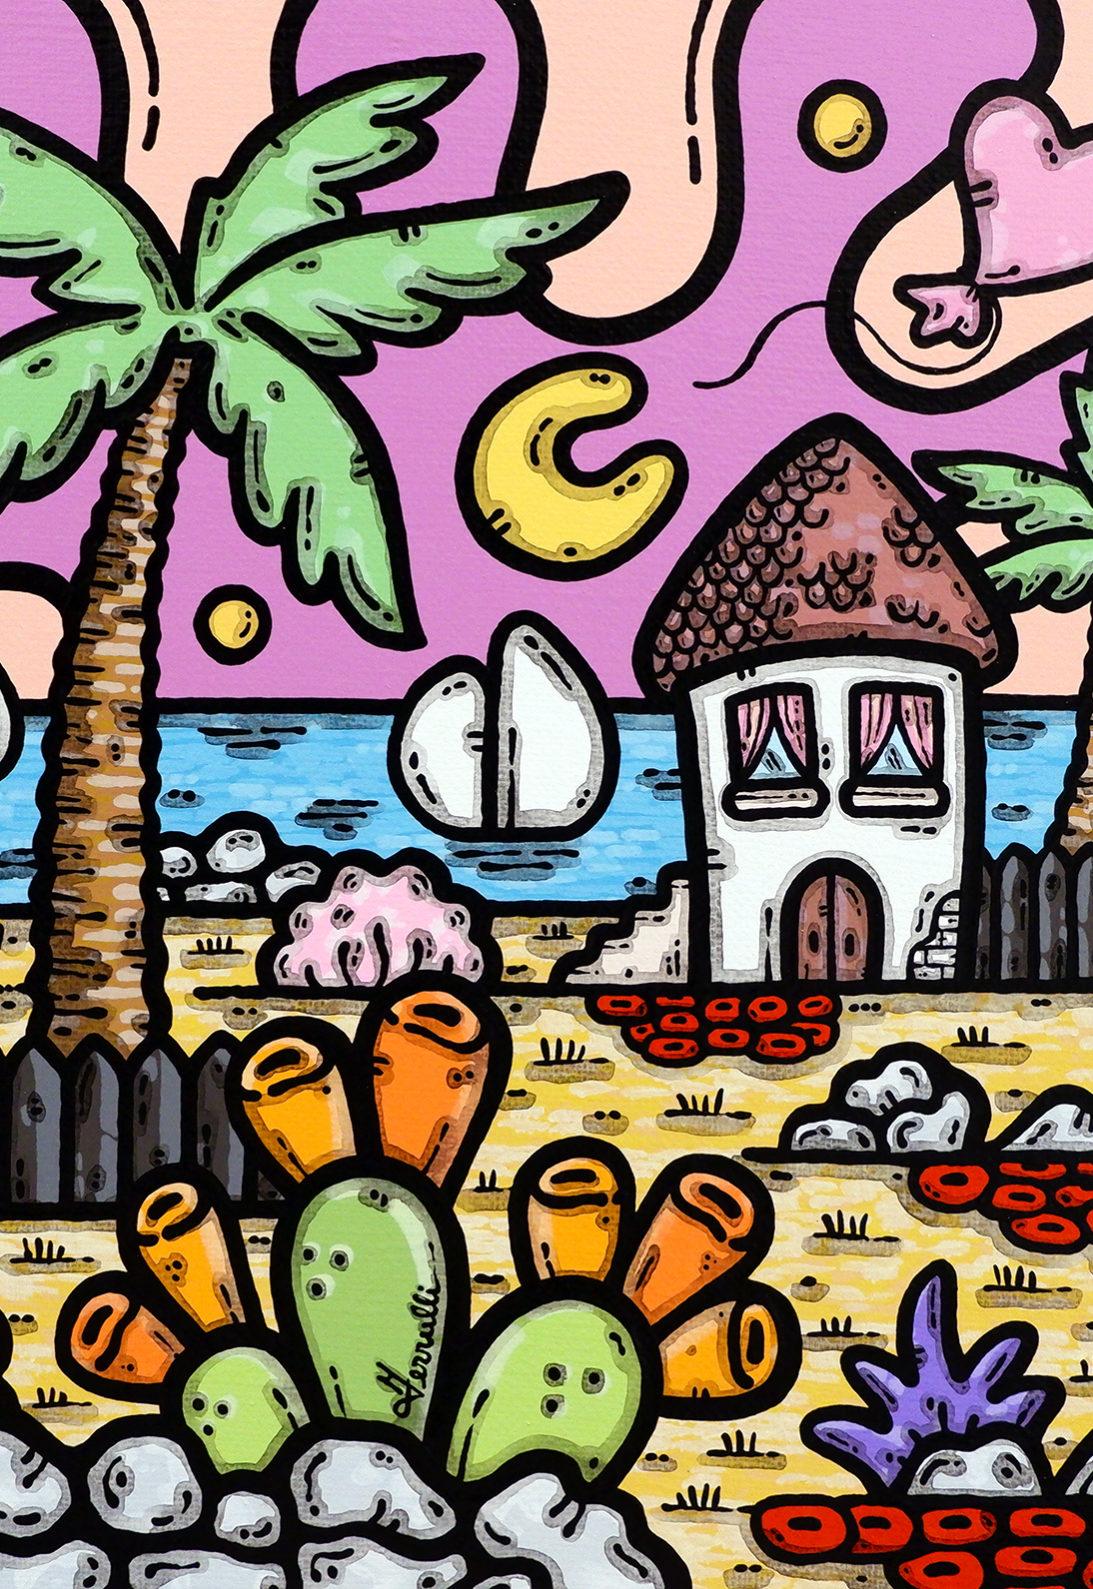 acrilico su tela, dipinto, opera d'arte, contornismo metafisico, art, francesco ferrulli, pittore, italiano, artista, italian artist, arte contemporanea, quadro, colori, cuore, i colori della mia vita.